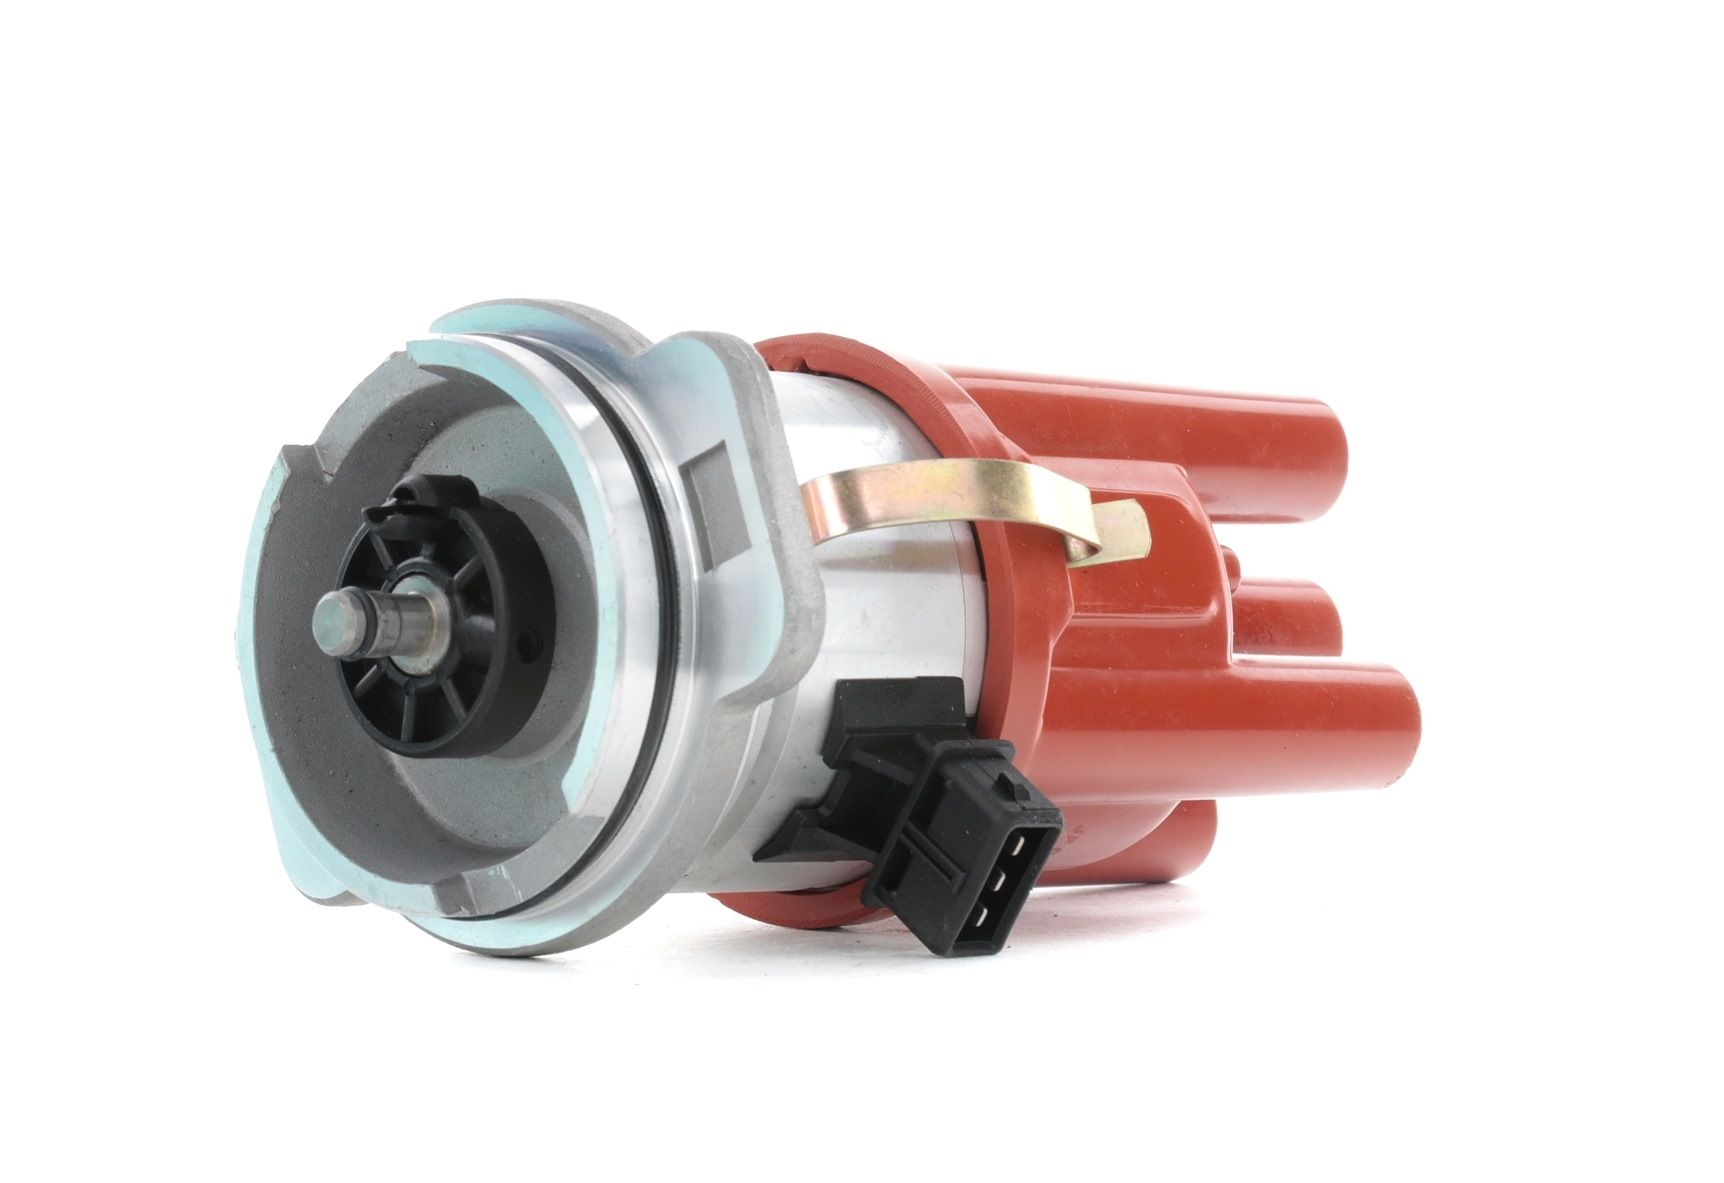 Дистрибутор на запалване 1291100100 Opel Corsa S93 Г.П. 2002 — получете Вашата отстъпка сега!